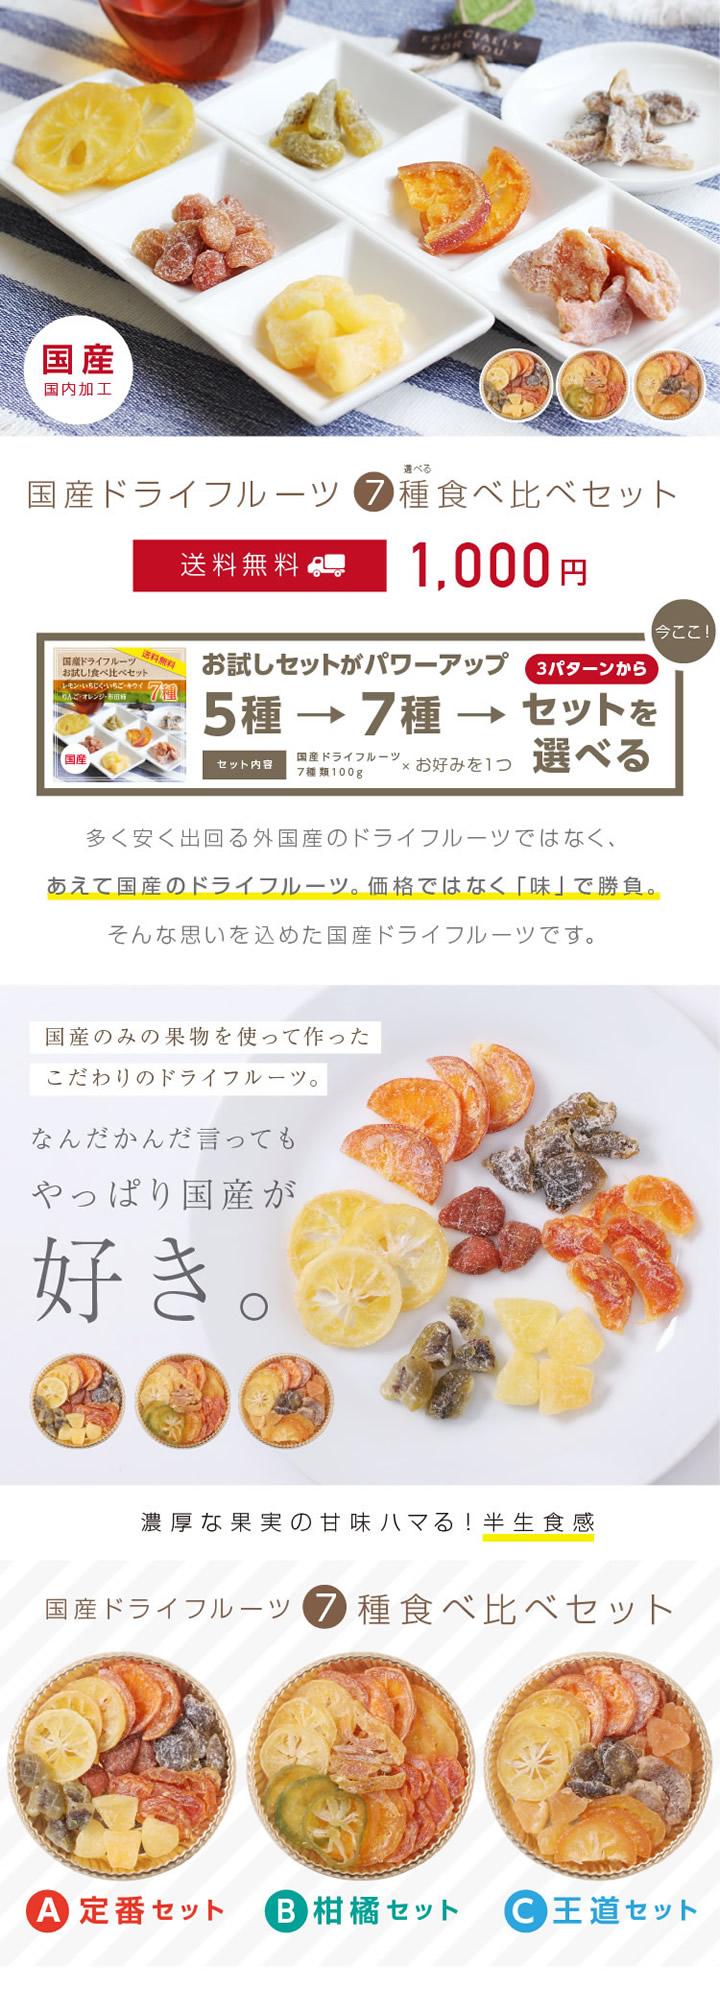 国産ドライフルーツ 7種食べ比べセット 送料無料。多く安く出回る外国産のドライフルーツではなく、あえて国産のドライフルーツ。価格ではなく「味」で勝負。そんな思いを込めた国産ドライフルーツです。